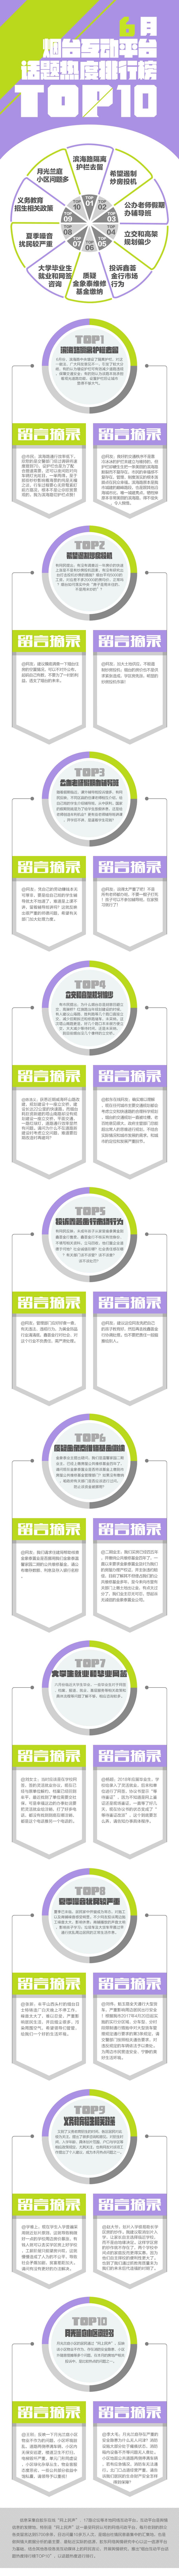 6月份烟台互动平台话题热度排行榜top10